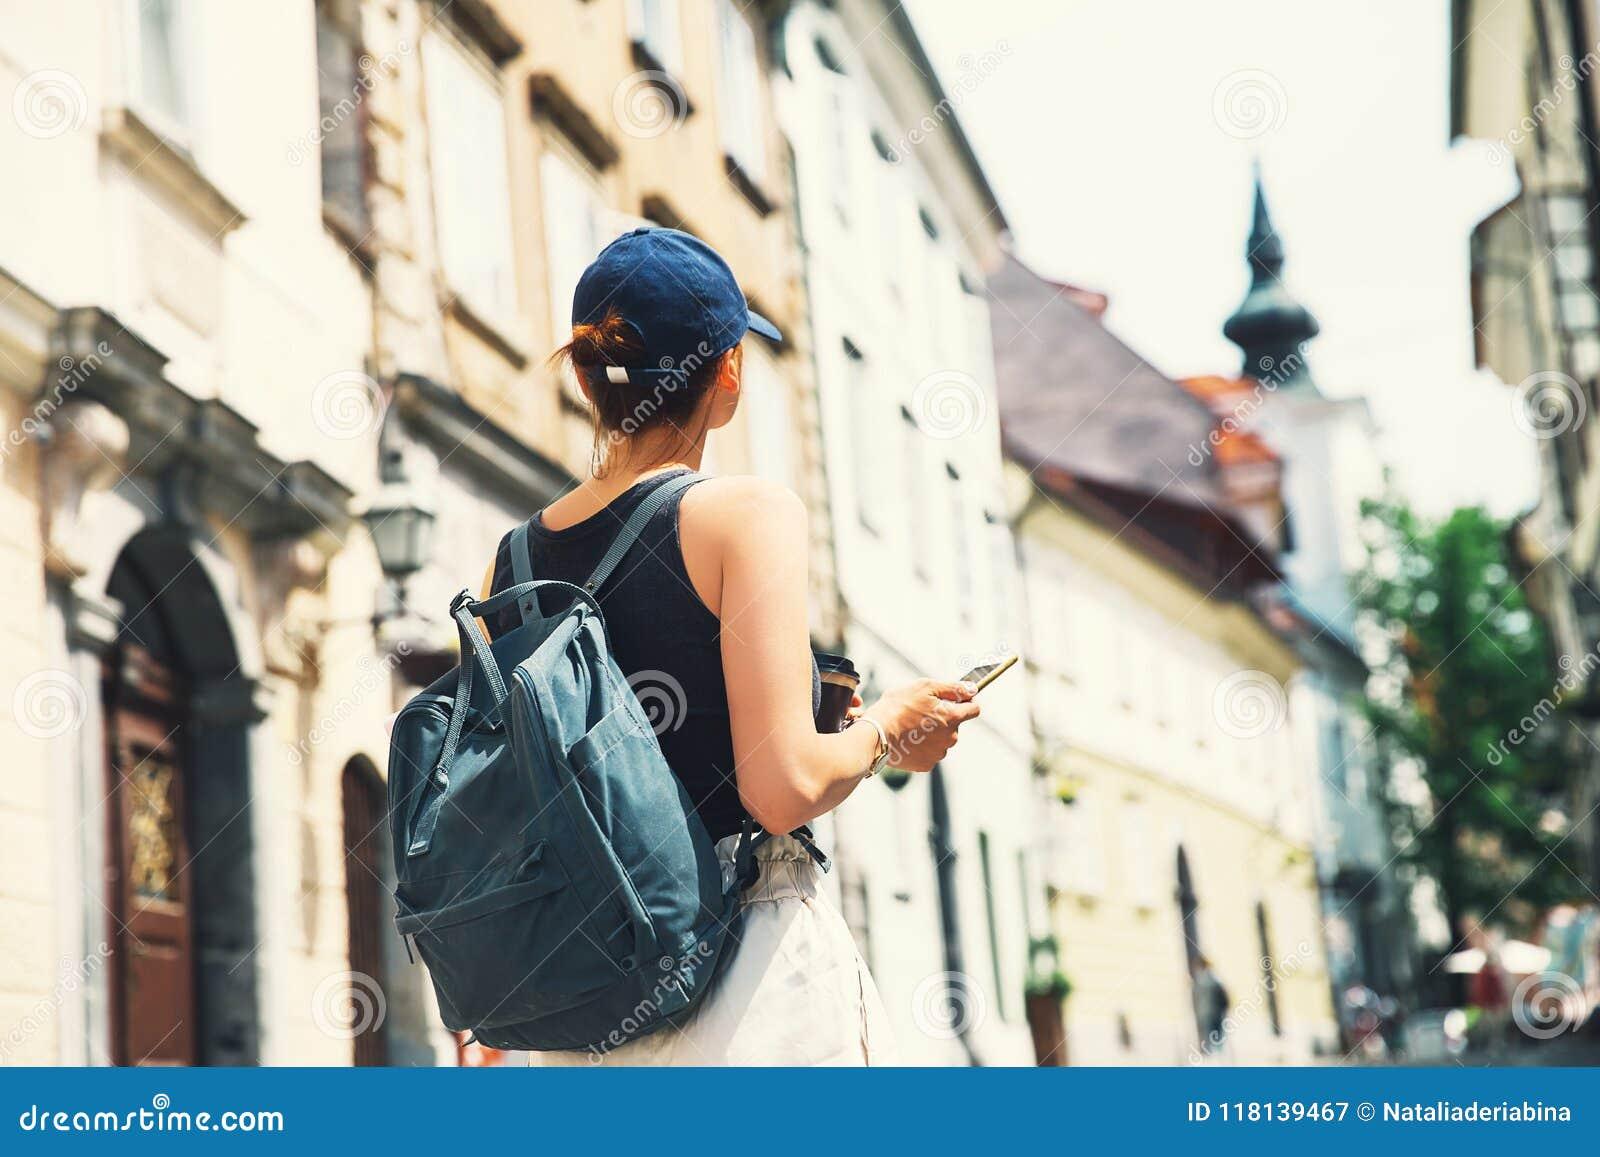 Dos La Rue Touriste Ljubljana Femme Avec Le Sac Sur De À WH29EYDI